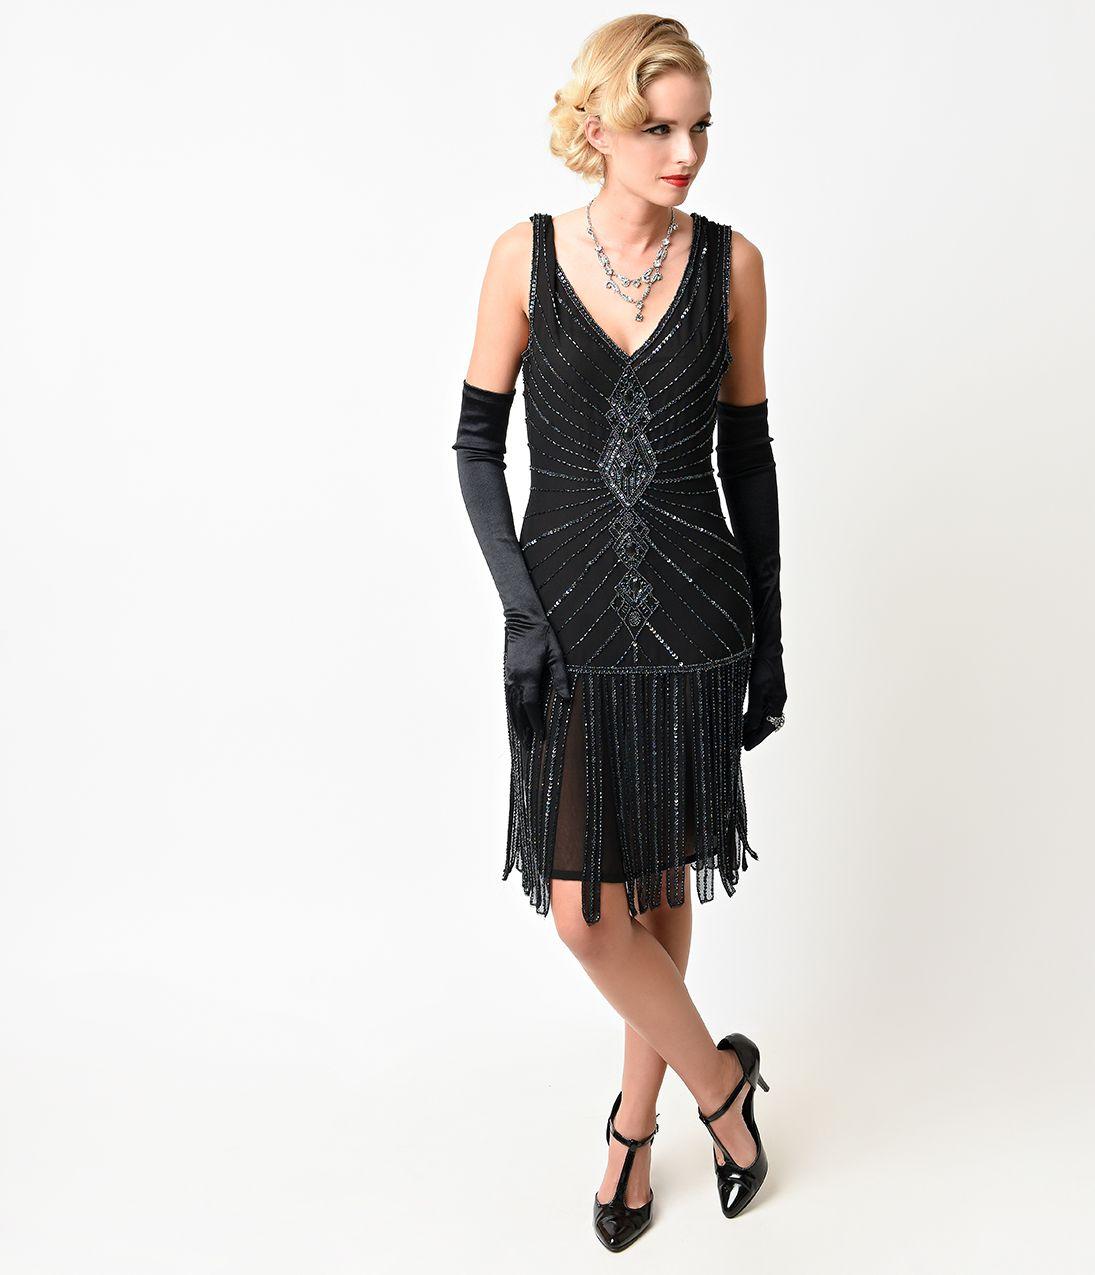 Black dress flapper girl dresses